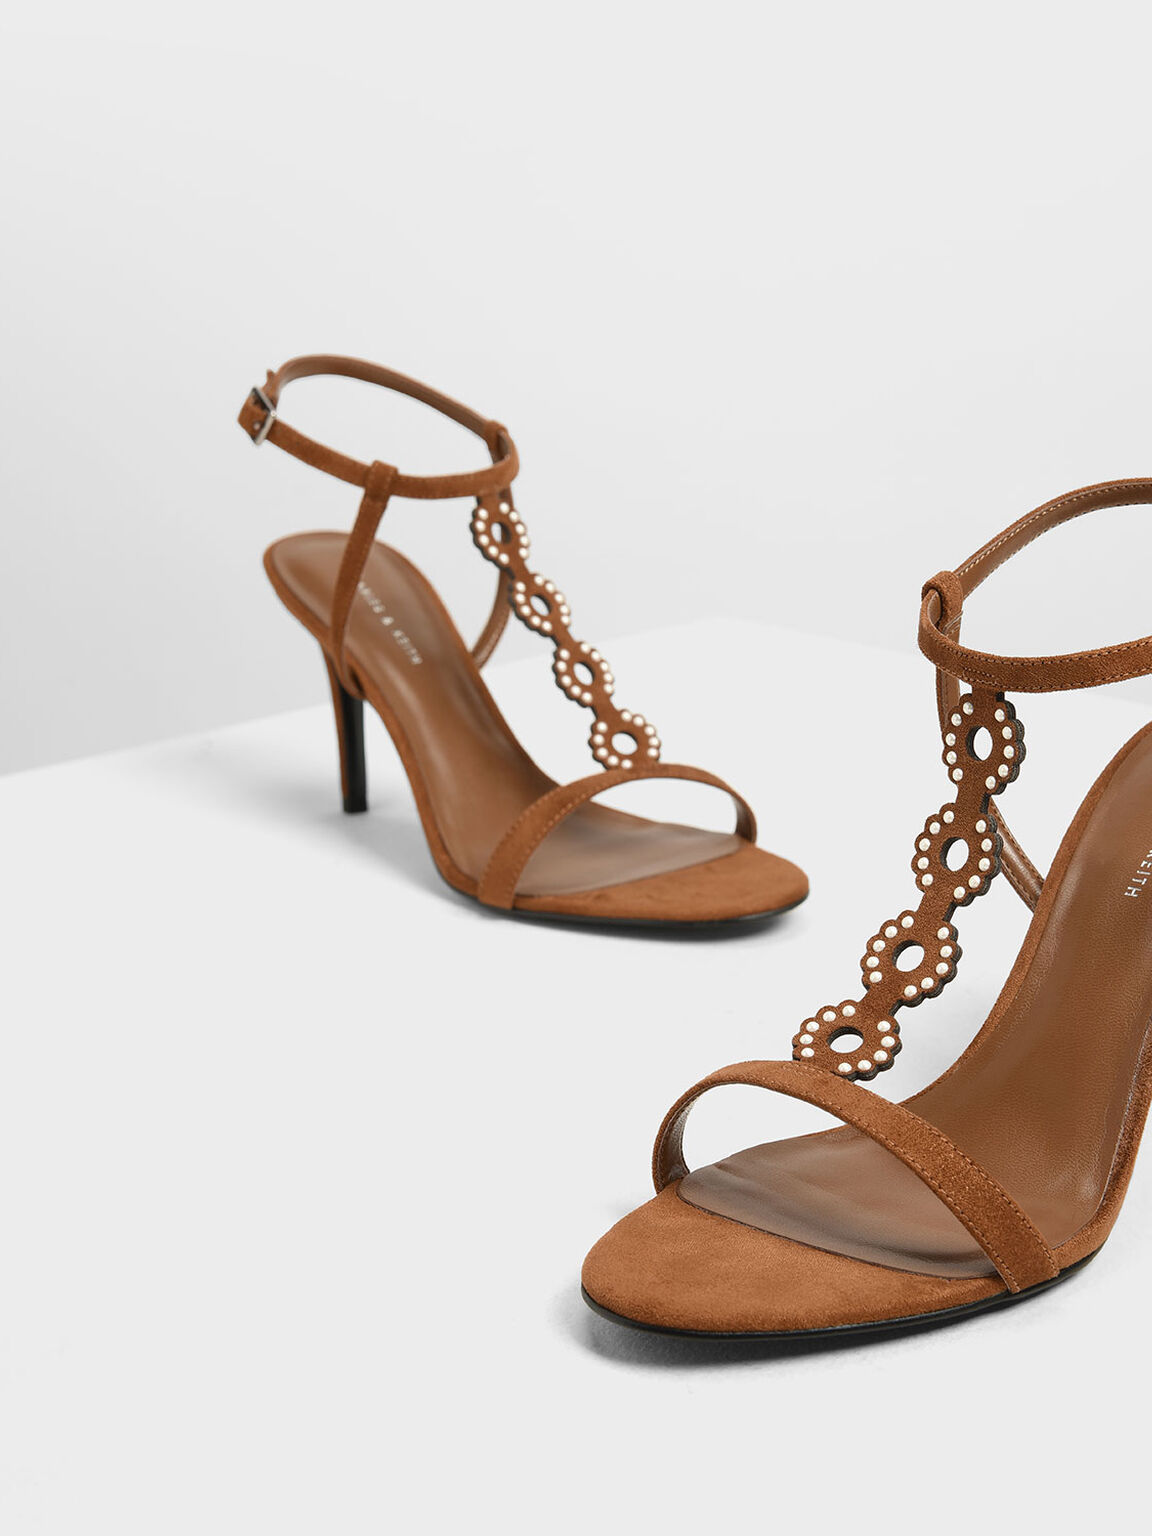 Cut-Out Embellished Stiletto Heels, Camel, hi-res